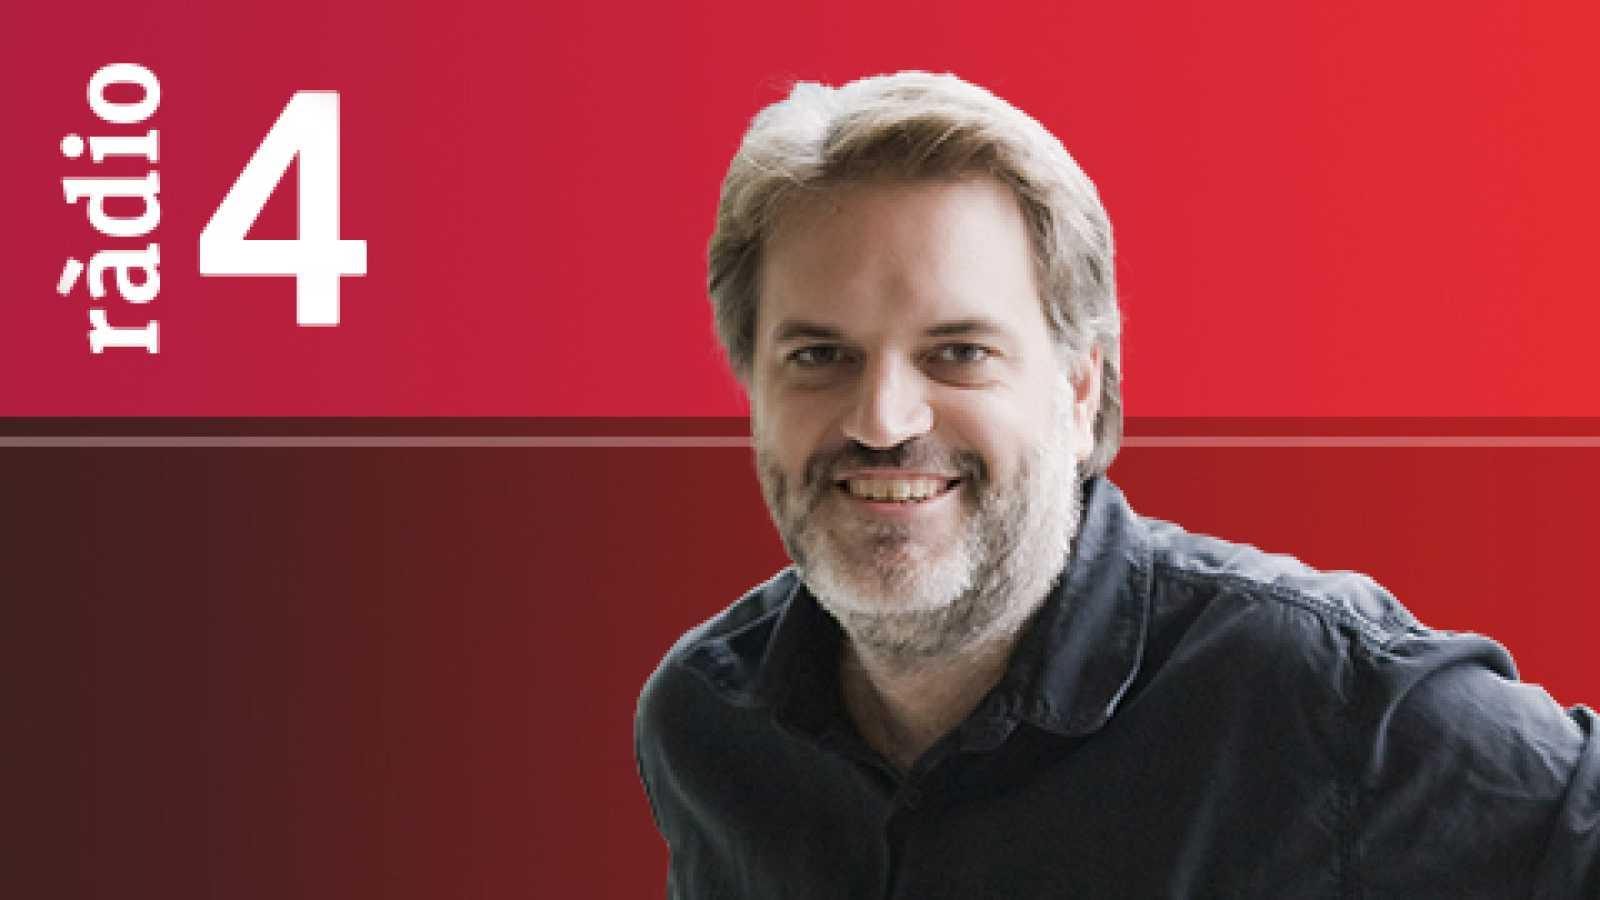 El matí a Ràdio 4 - Informatiu - Tertúlia actualitat política